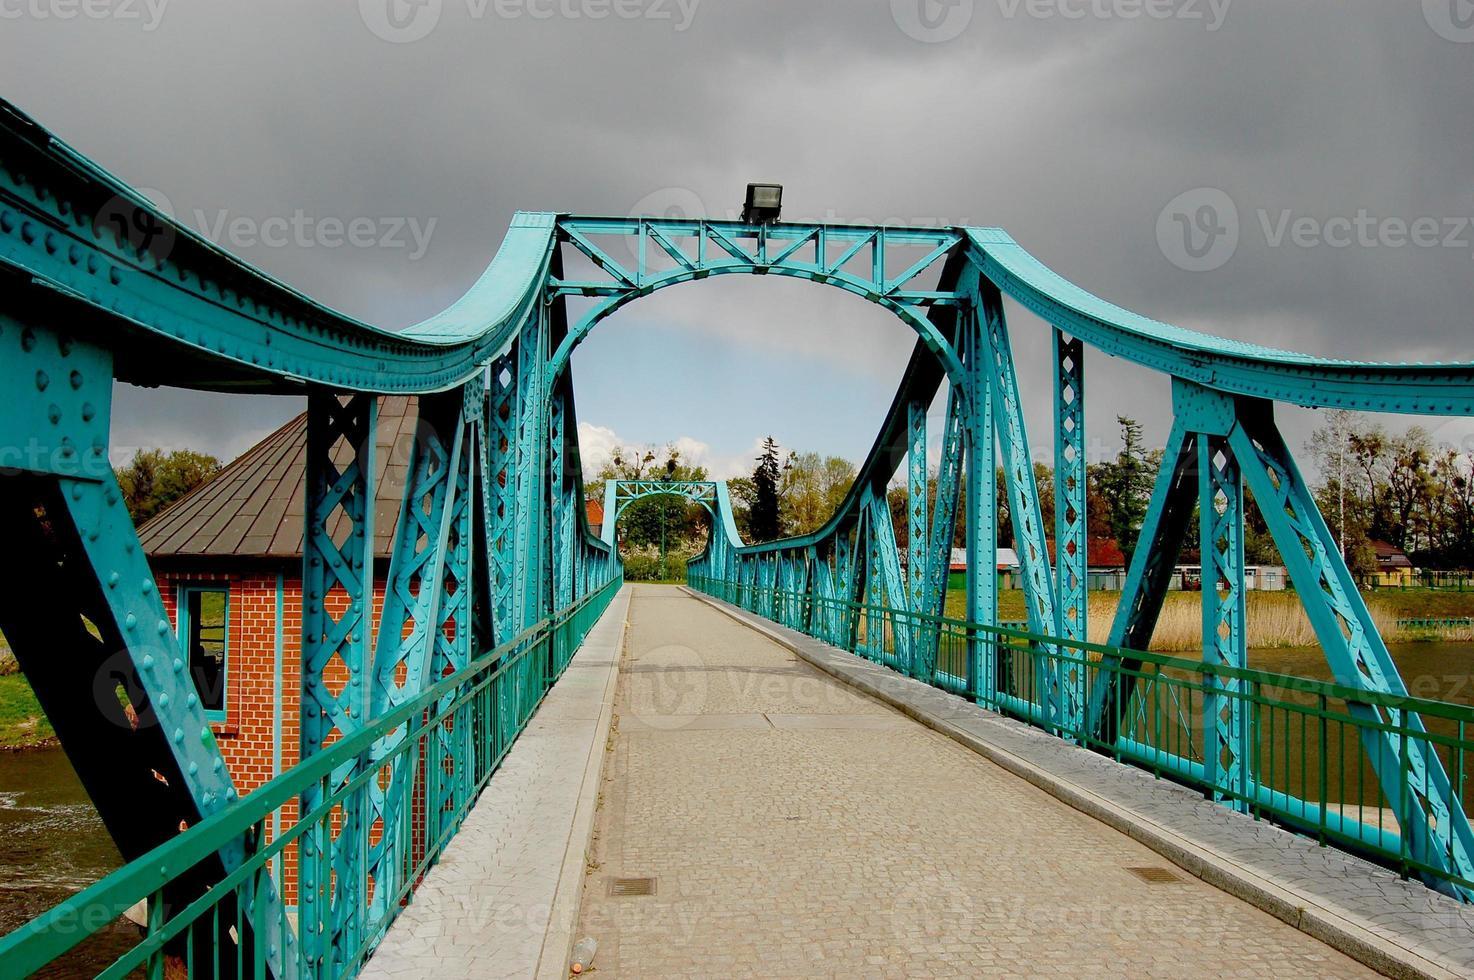 la ciudad de wroclaw, polonia foto